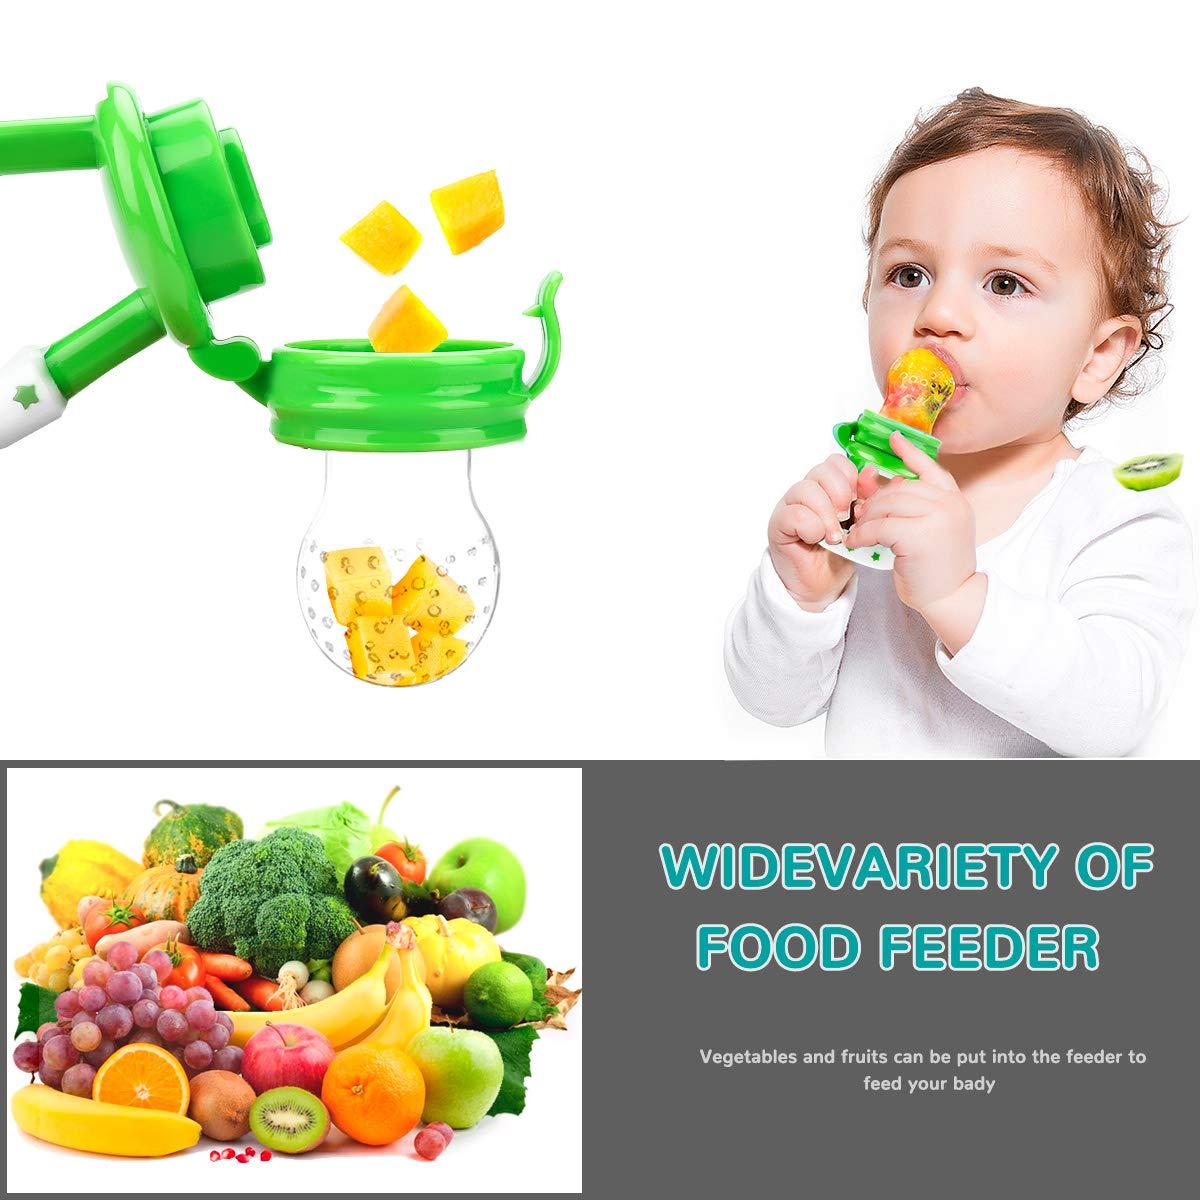 Rosa, Amarillo Limonada, Verde y Azul Paquete de 4 Juguetes de Dentici/ón Infantil Mordedor Alimentador de Chupete Suministros para Beb/és Juguetes Laelr Alimentador de Frutas para Beb/és